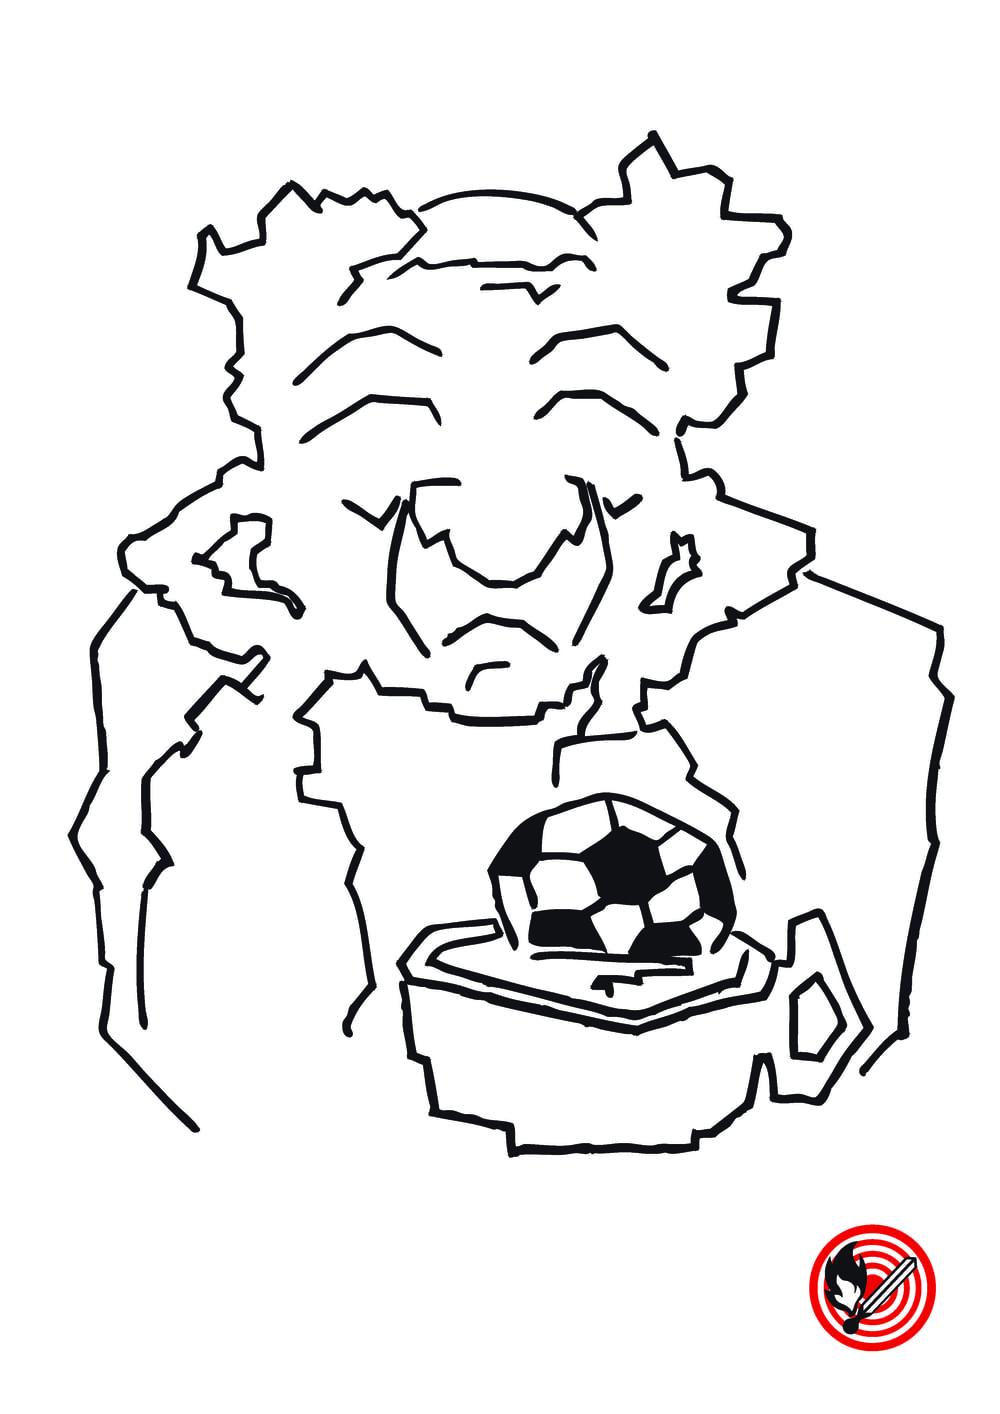 """""""Mit Balari"""", meint dr Kari """"fahr i nümm"""" und bstellt e Tee.   Dass das nyt nutzt, so meine mir, gseht me scho lang bim FCB.   Vor em Aapfiff dringgt dr Zubi bischbylswyys nie Alkohol,   Und trotzdäm hett dä kurz druffaaben immer ein im Gool."""